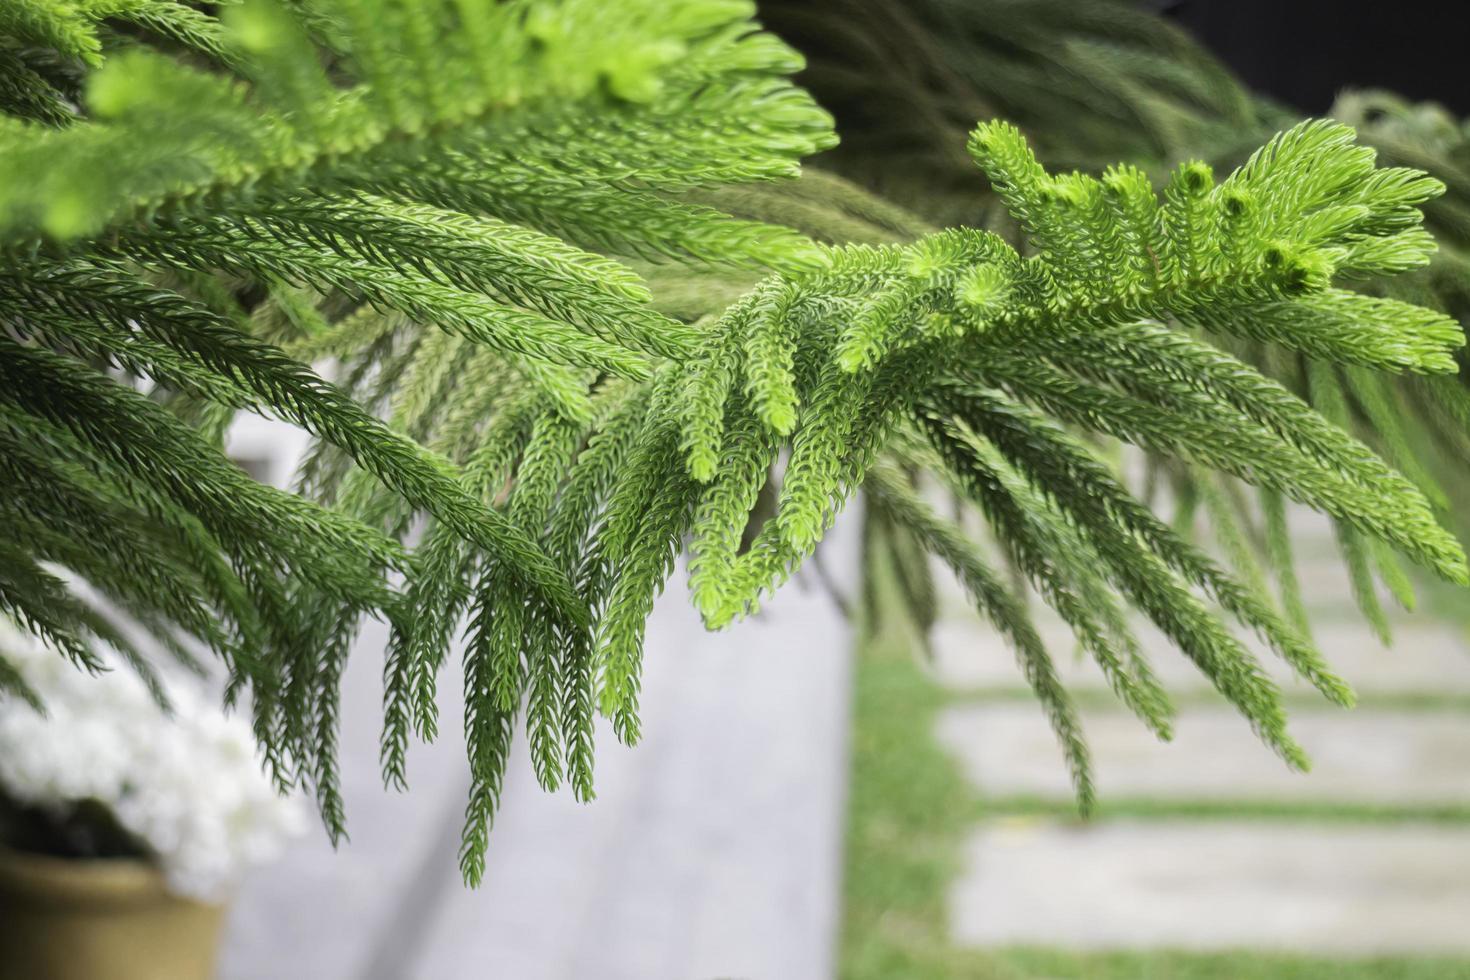 feuilles d'arbre vert photo